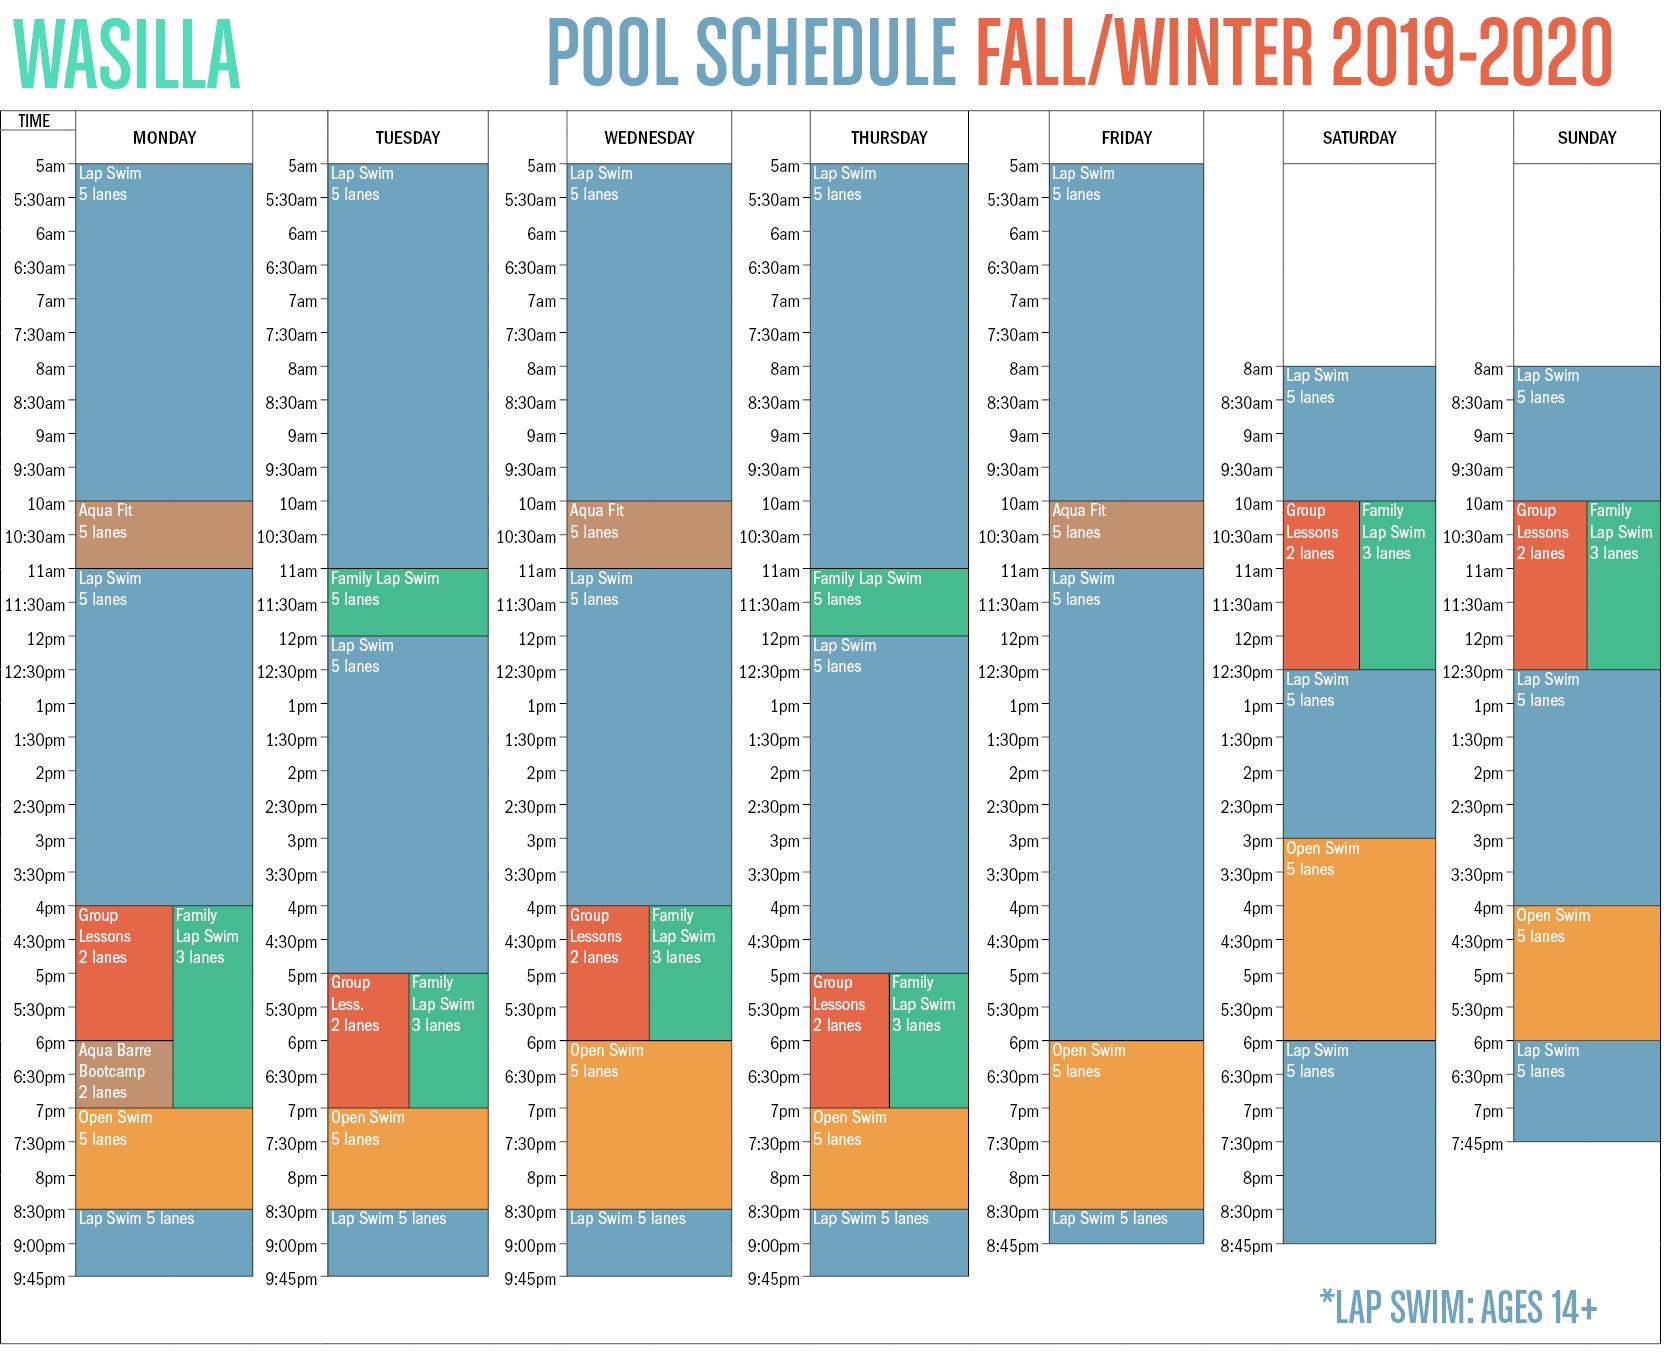 Q4-Q1 Fall-Winter Wasilla Pool Schedule [WEB]